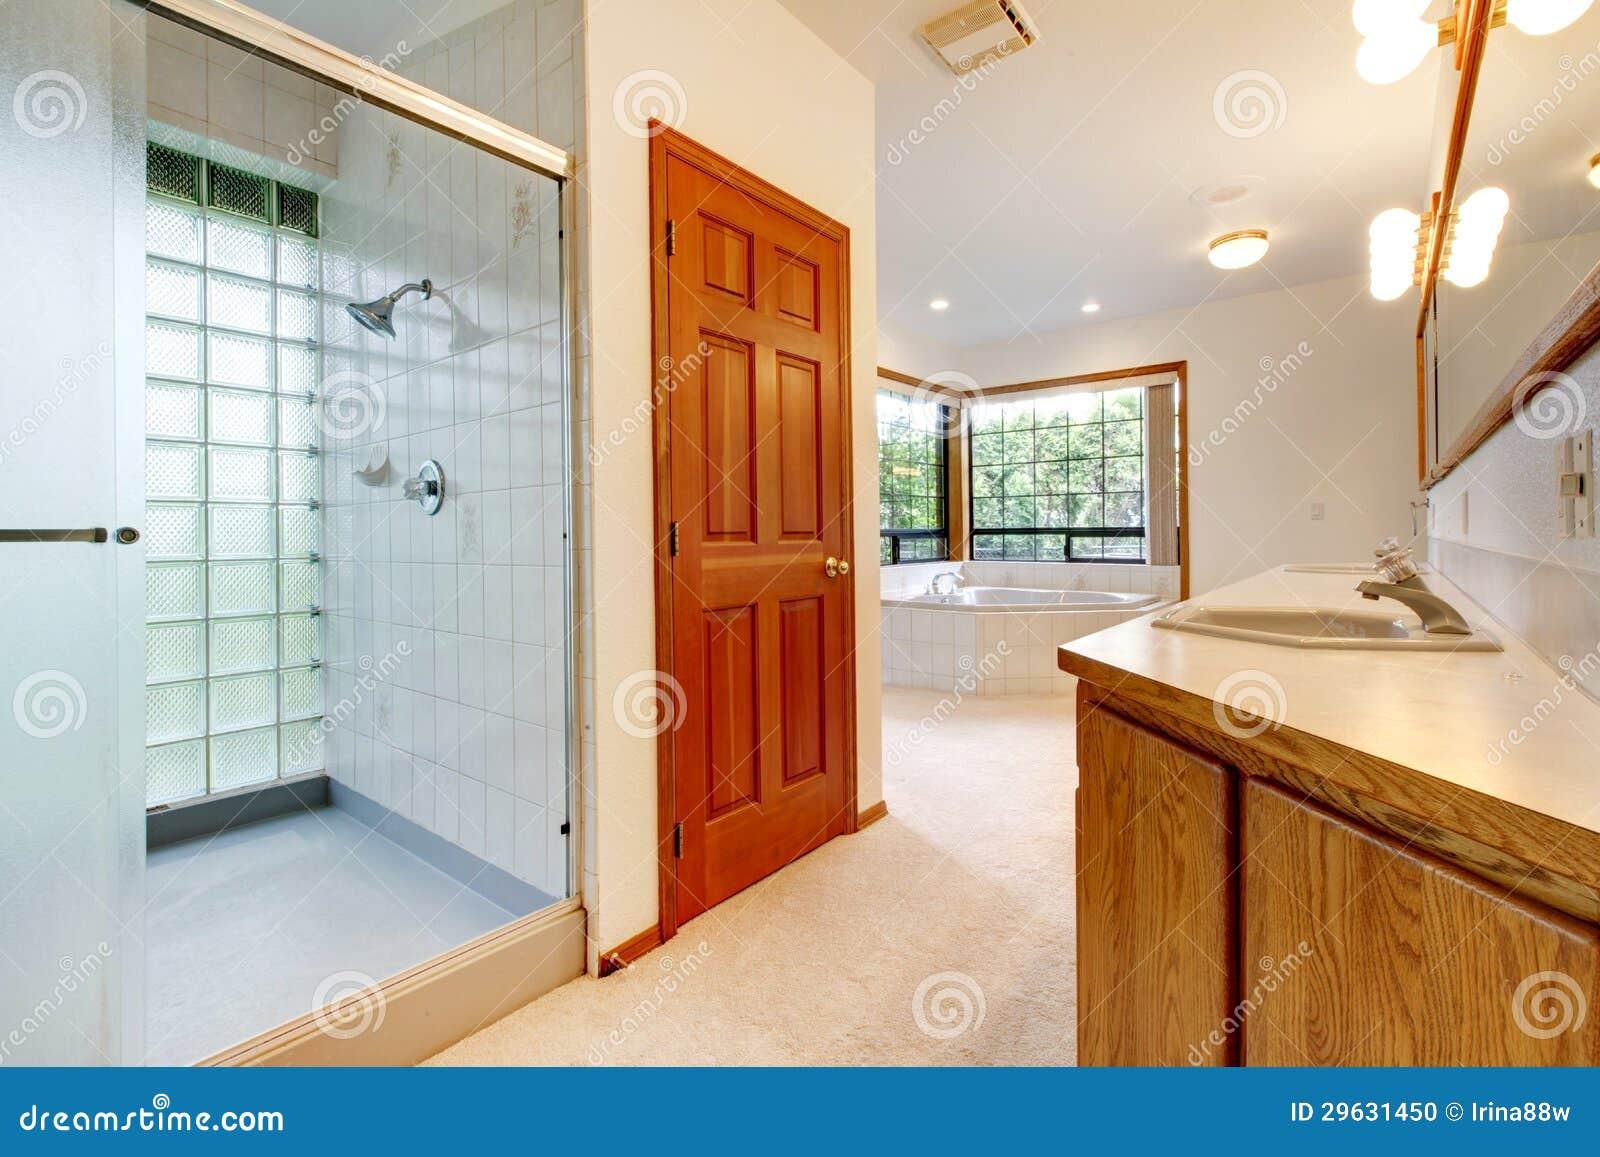 Grote Witte Badkamers Met Ton, Douche En Houten Kabinet. Stock Foto ...